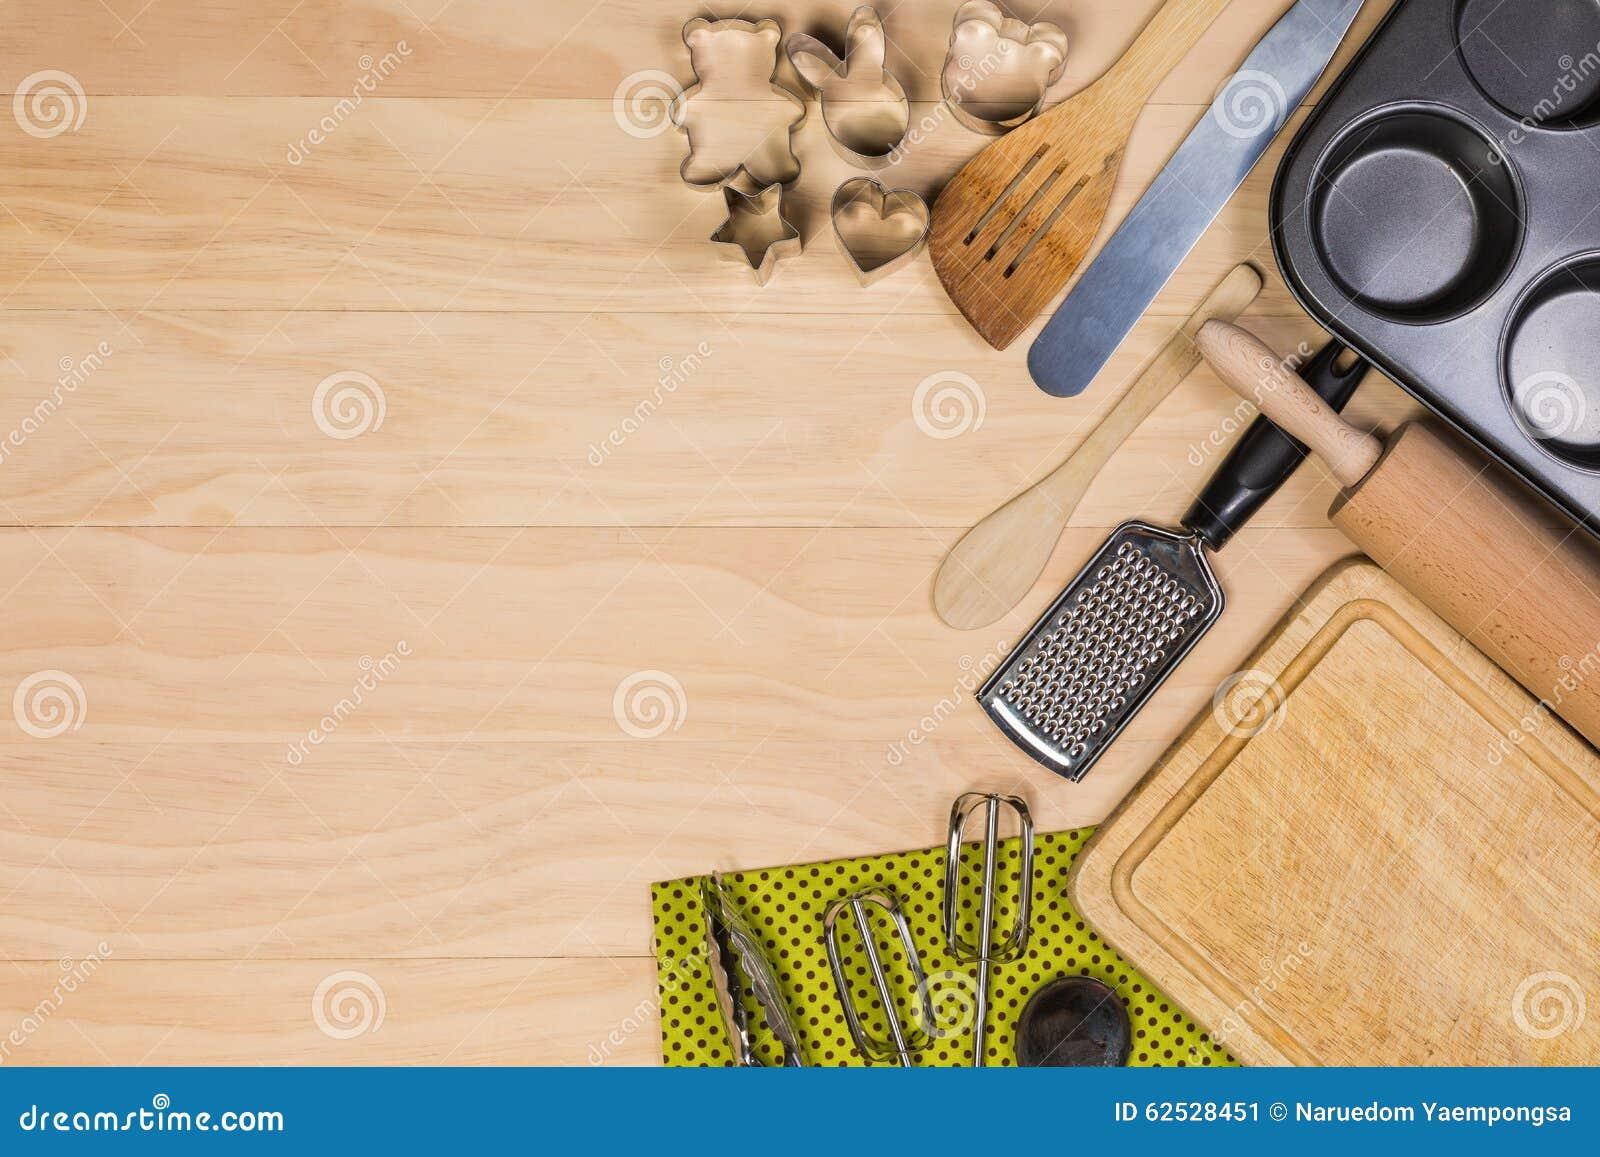 烘烤和酥皮点心工具